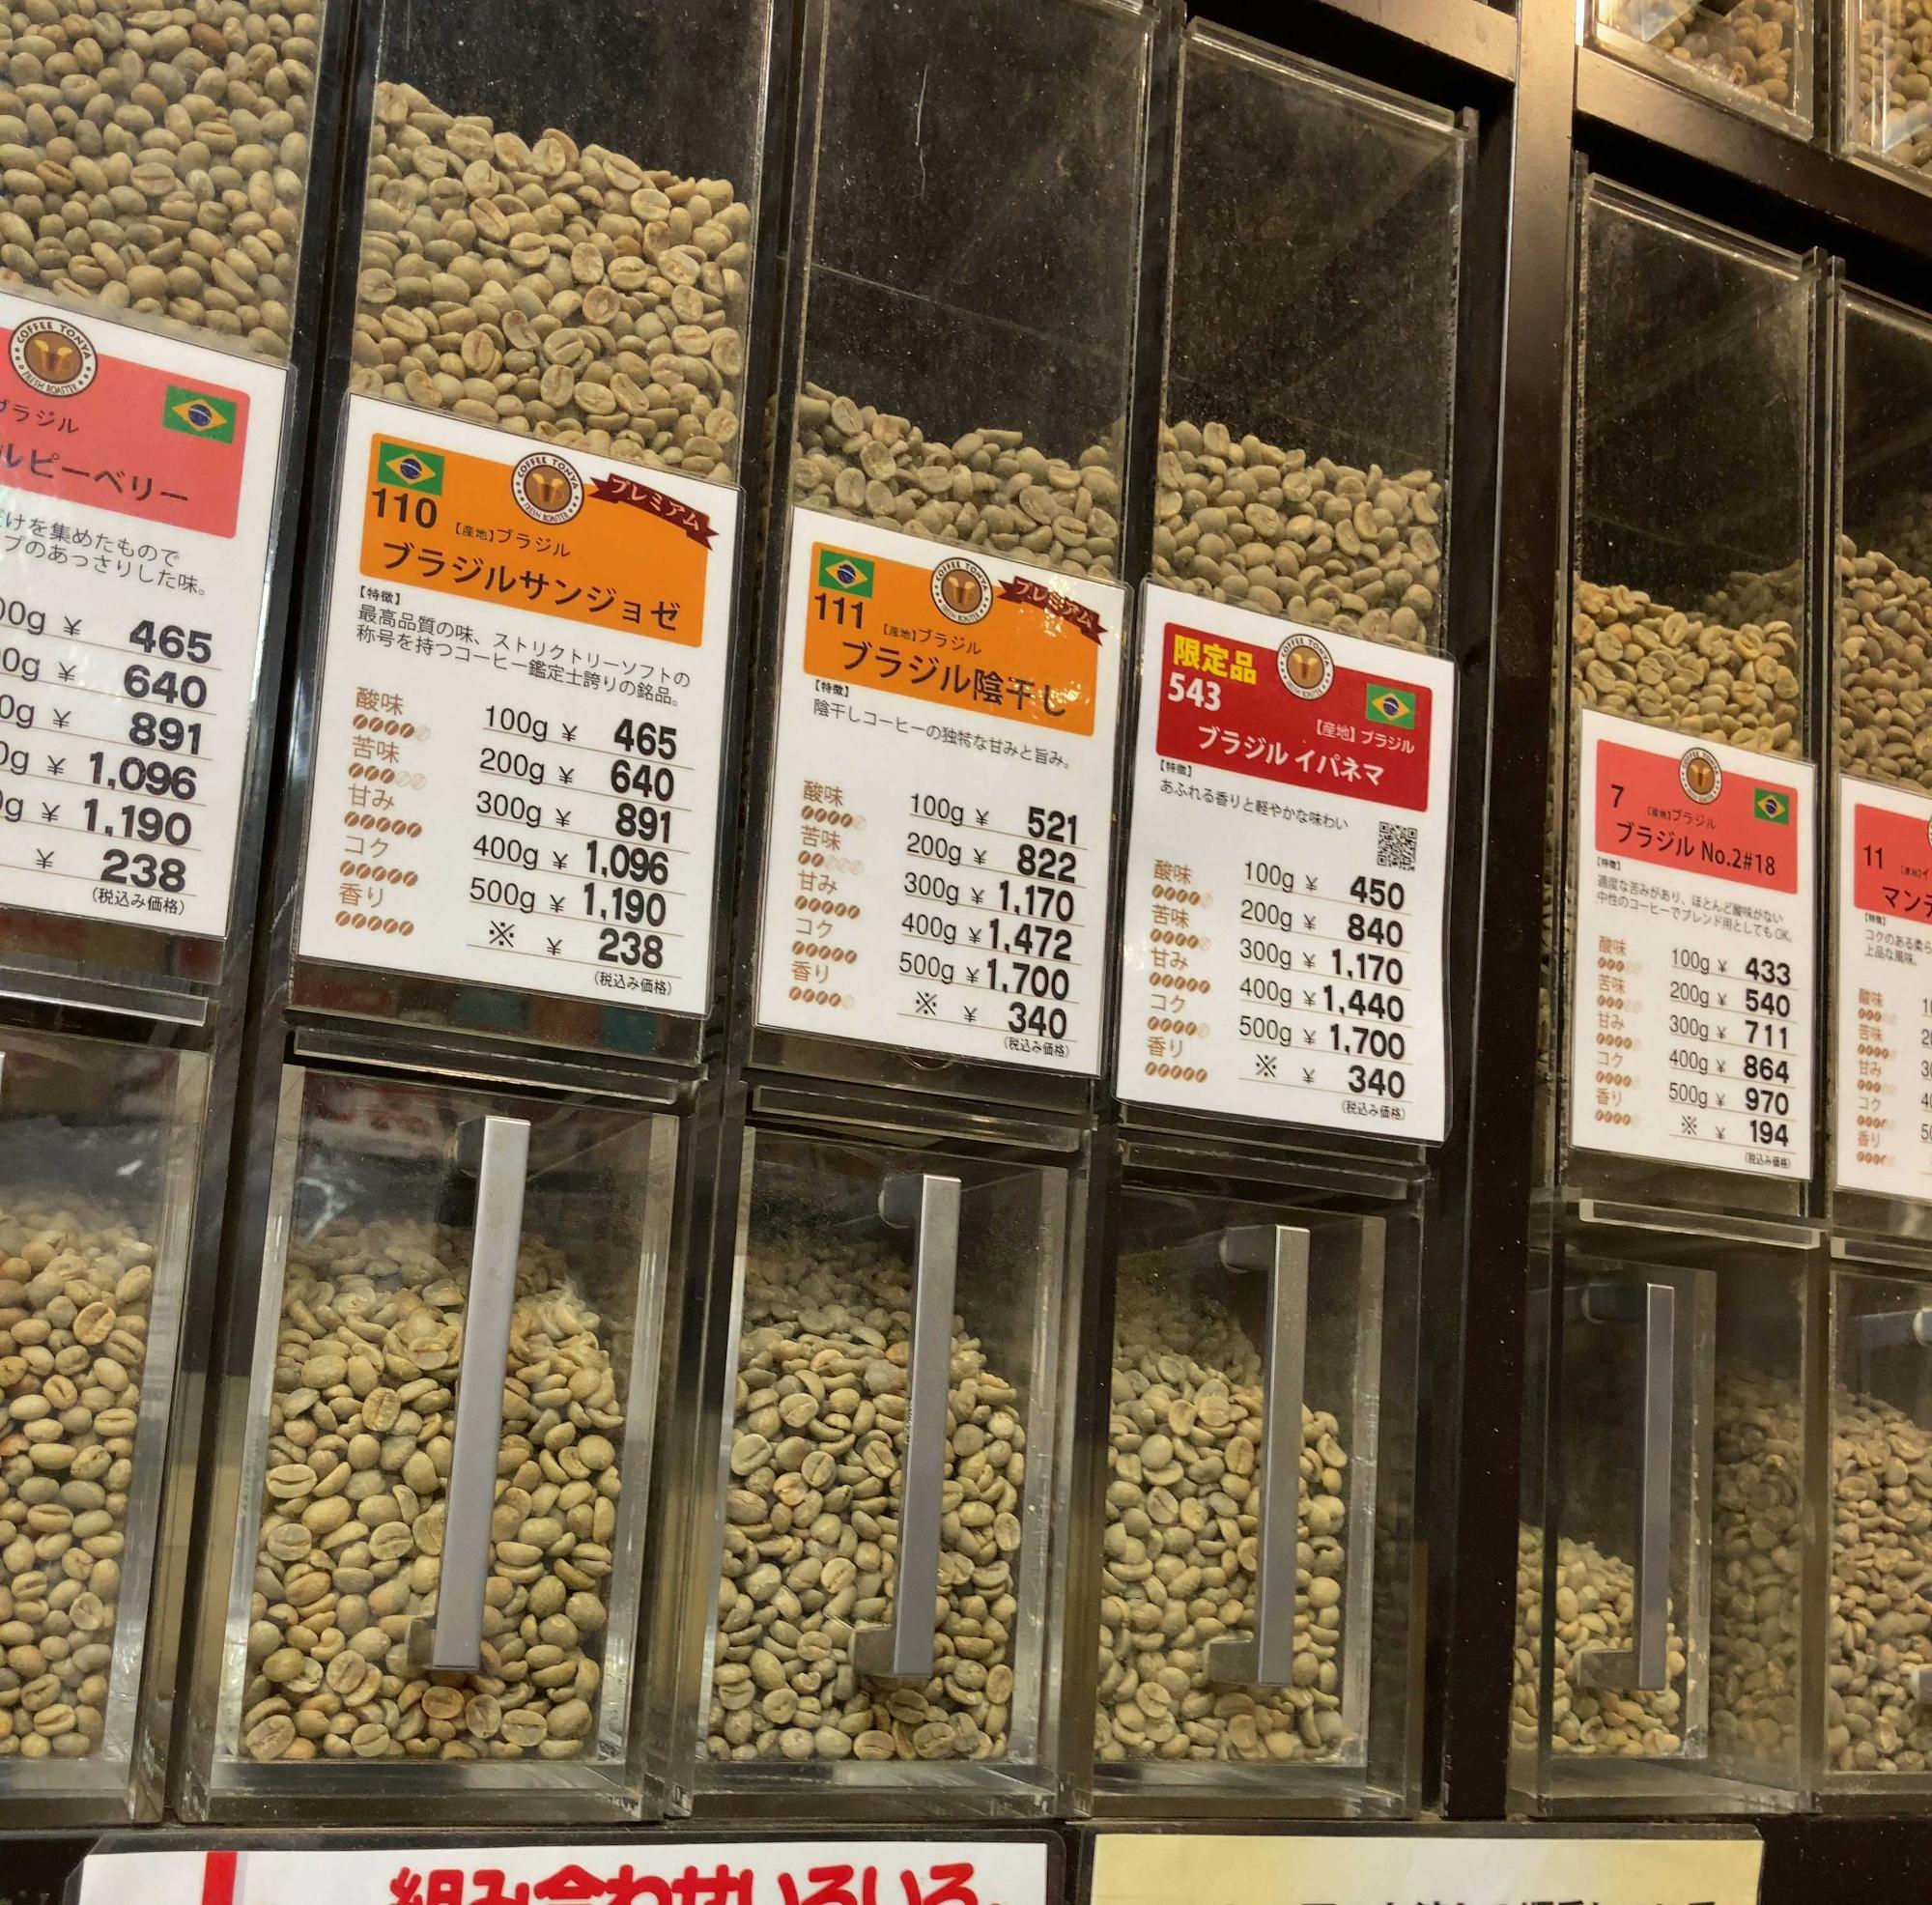 生豆で買うこともできますし、その場で焙煎してもらうこともできます